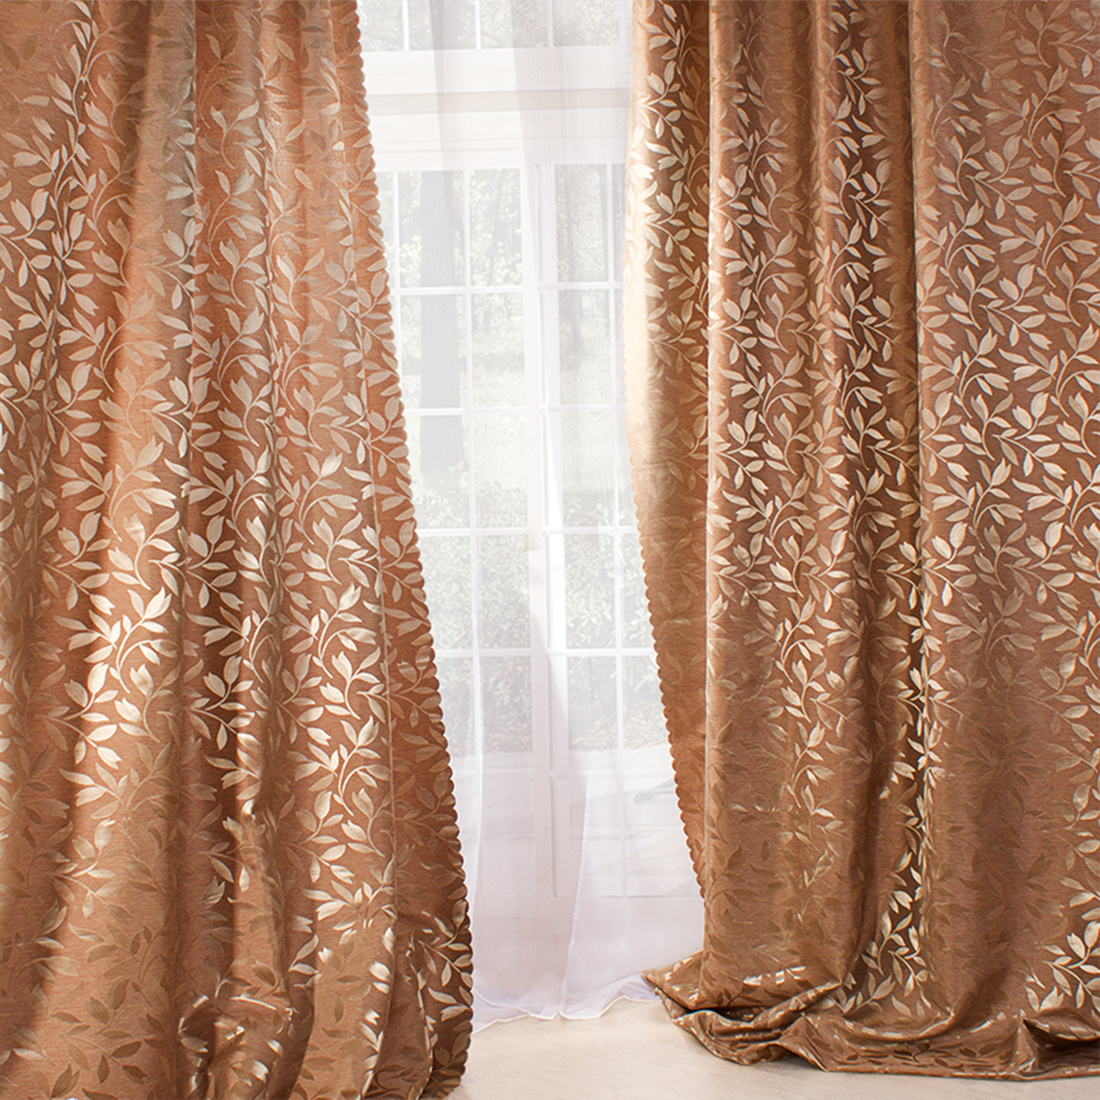 Купить Шторы Eleganta, Комплект штор Flora Цвет: Шелковый персик, Китай, Жаккард